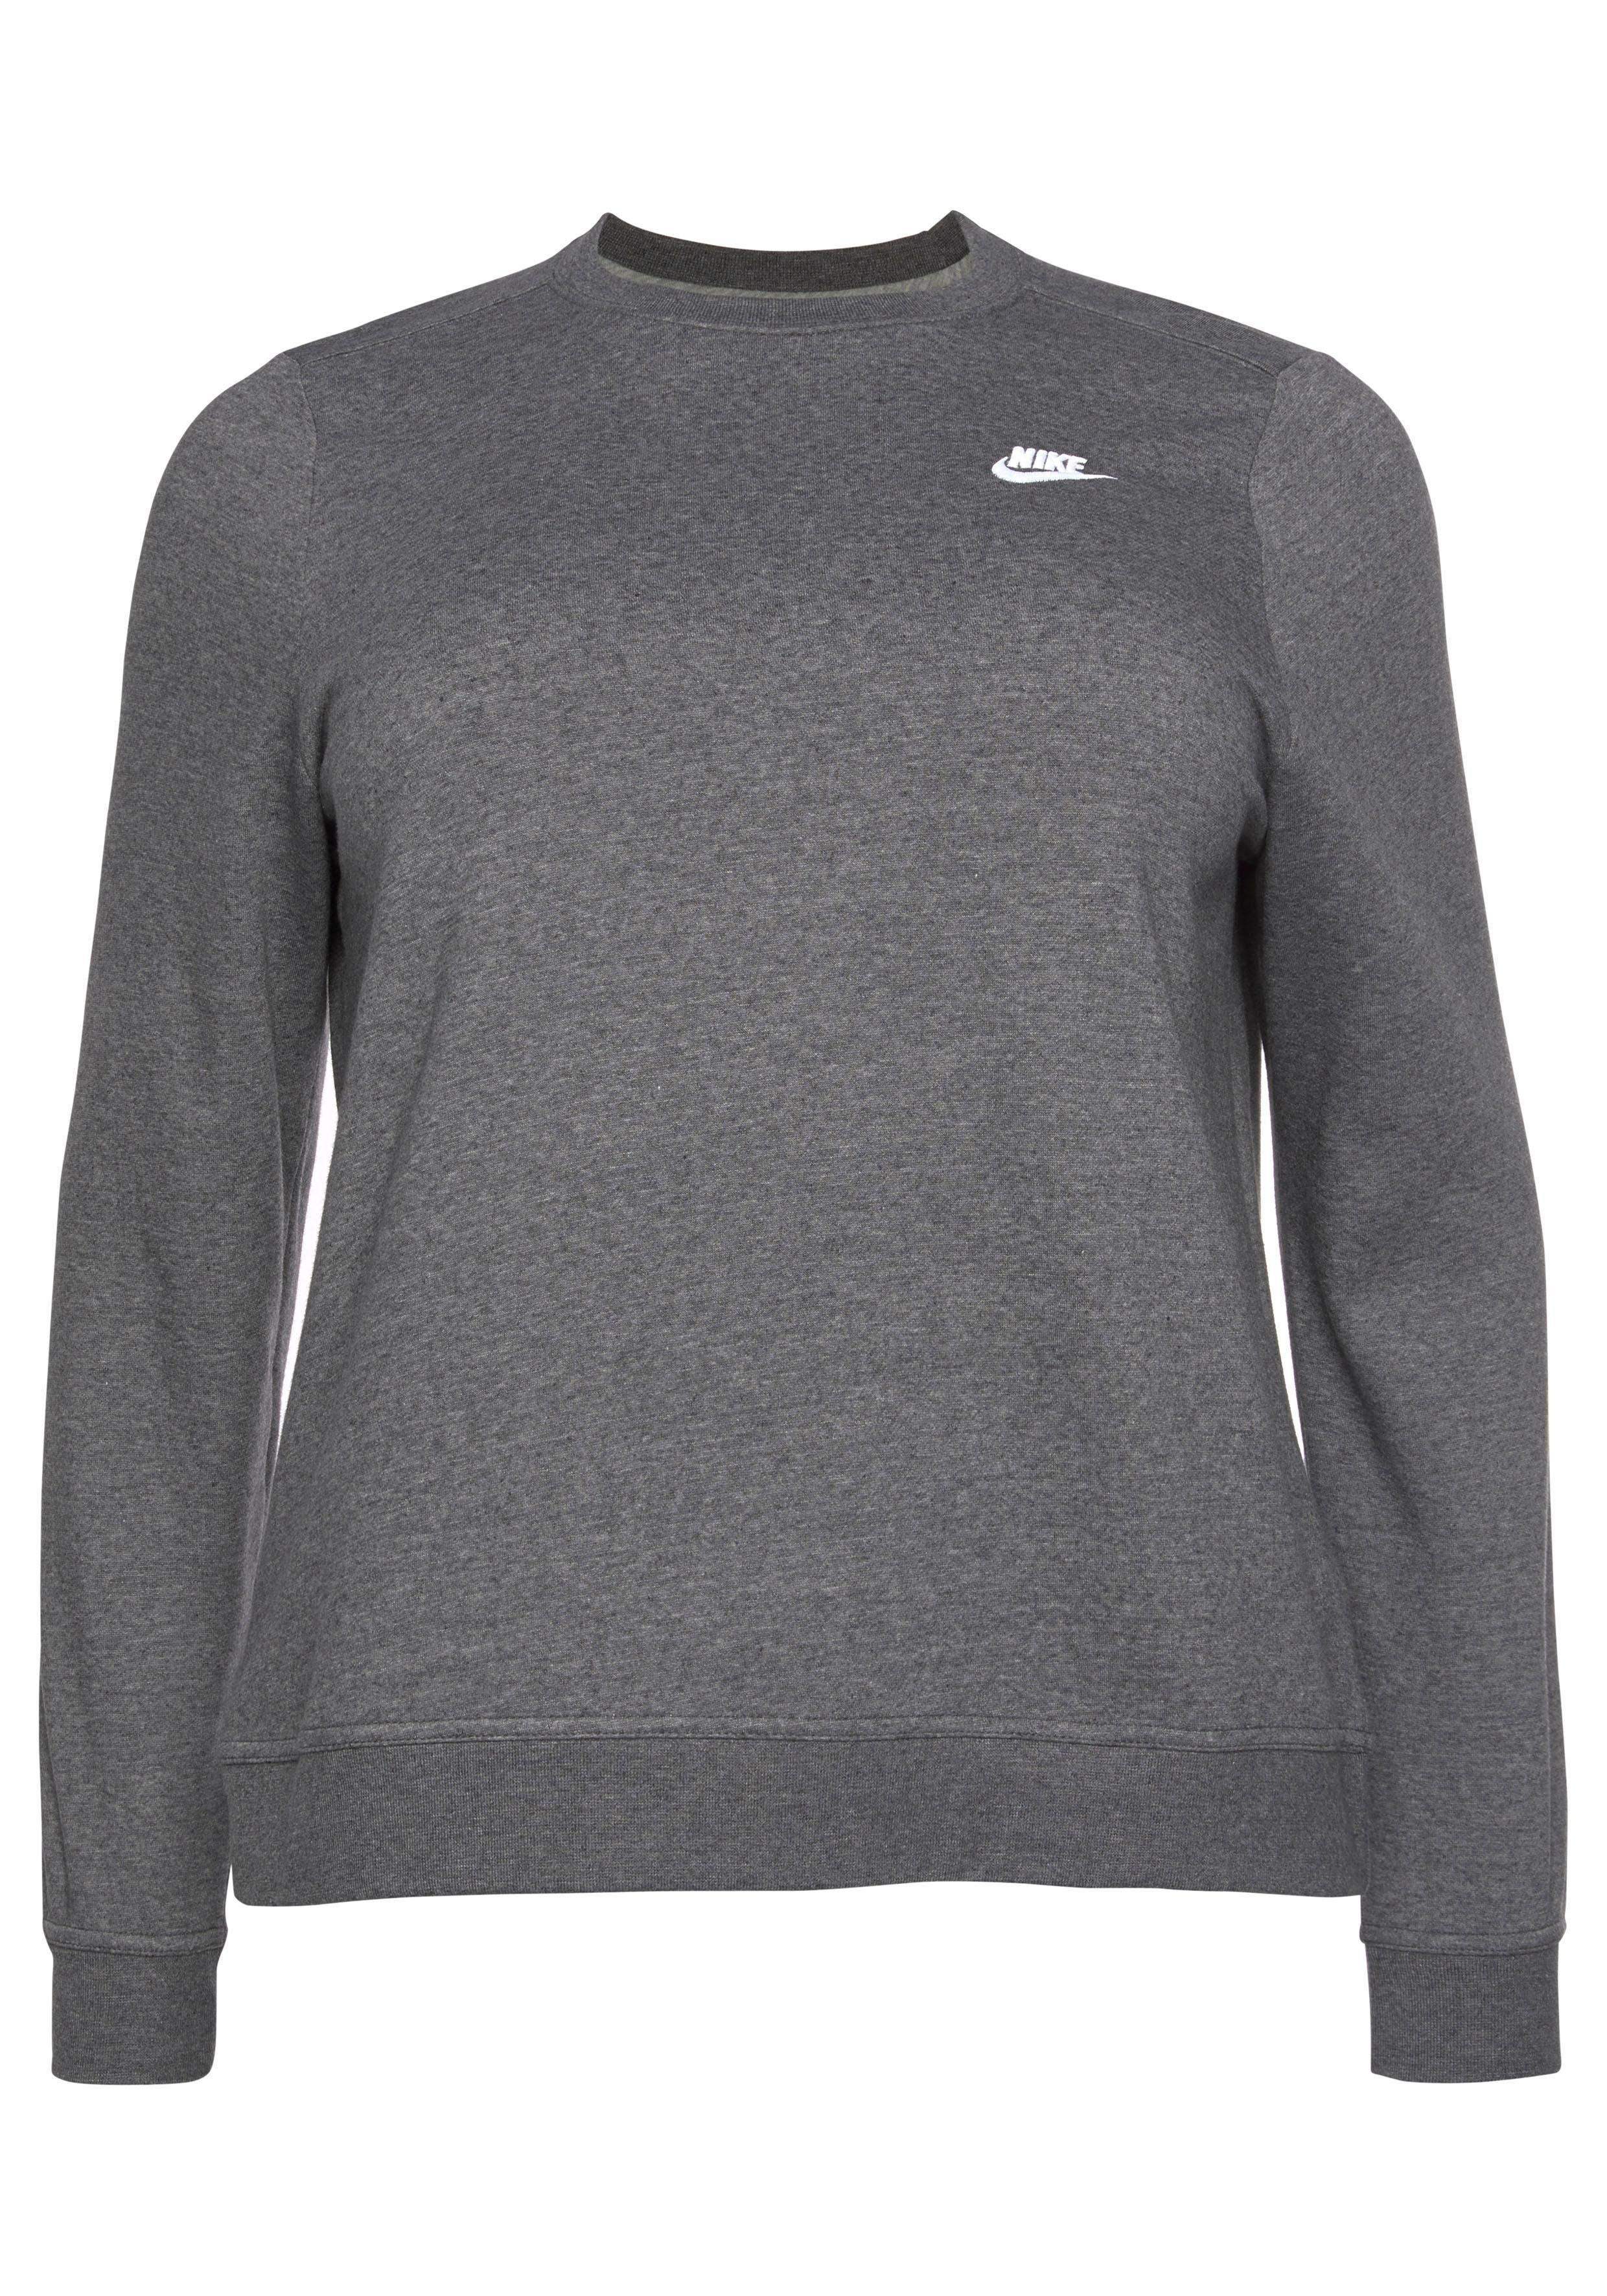 Große Größen: Nike Sportswear Sweatshirt »WOMEN NIKE SPORTSWEAR CLUB CREW FLEECE PLUS SIZE«, grau meliert, Gr.XL-XXXL